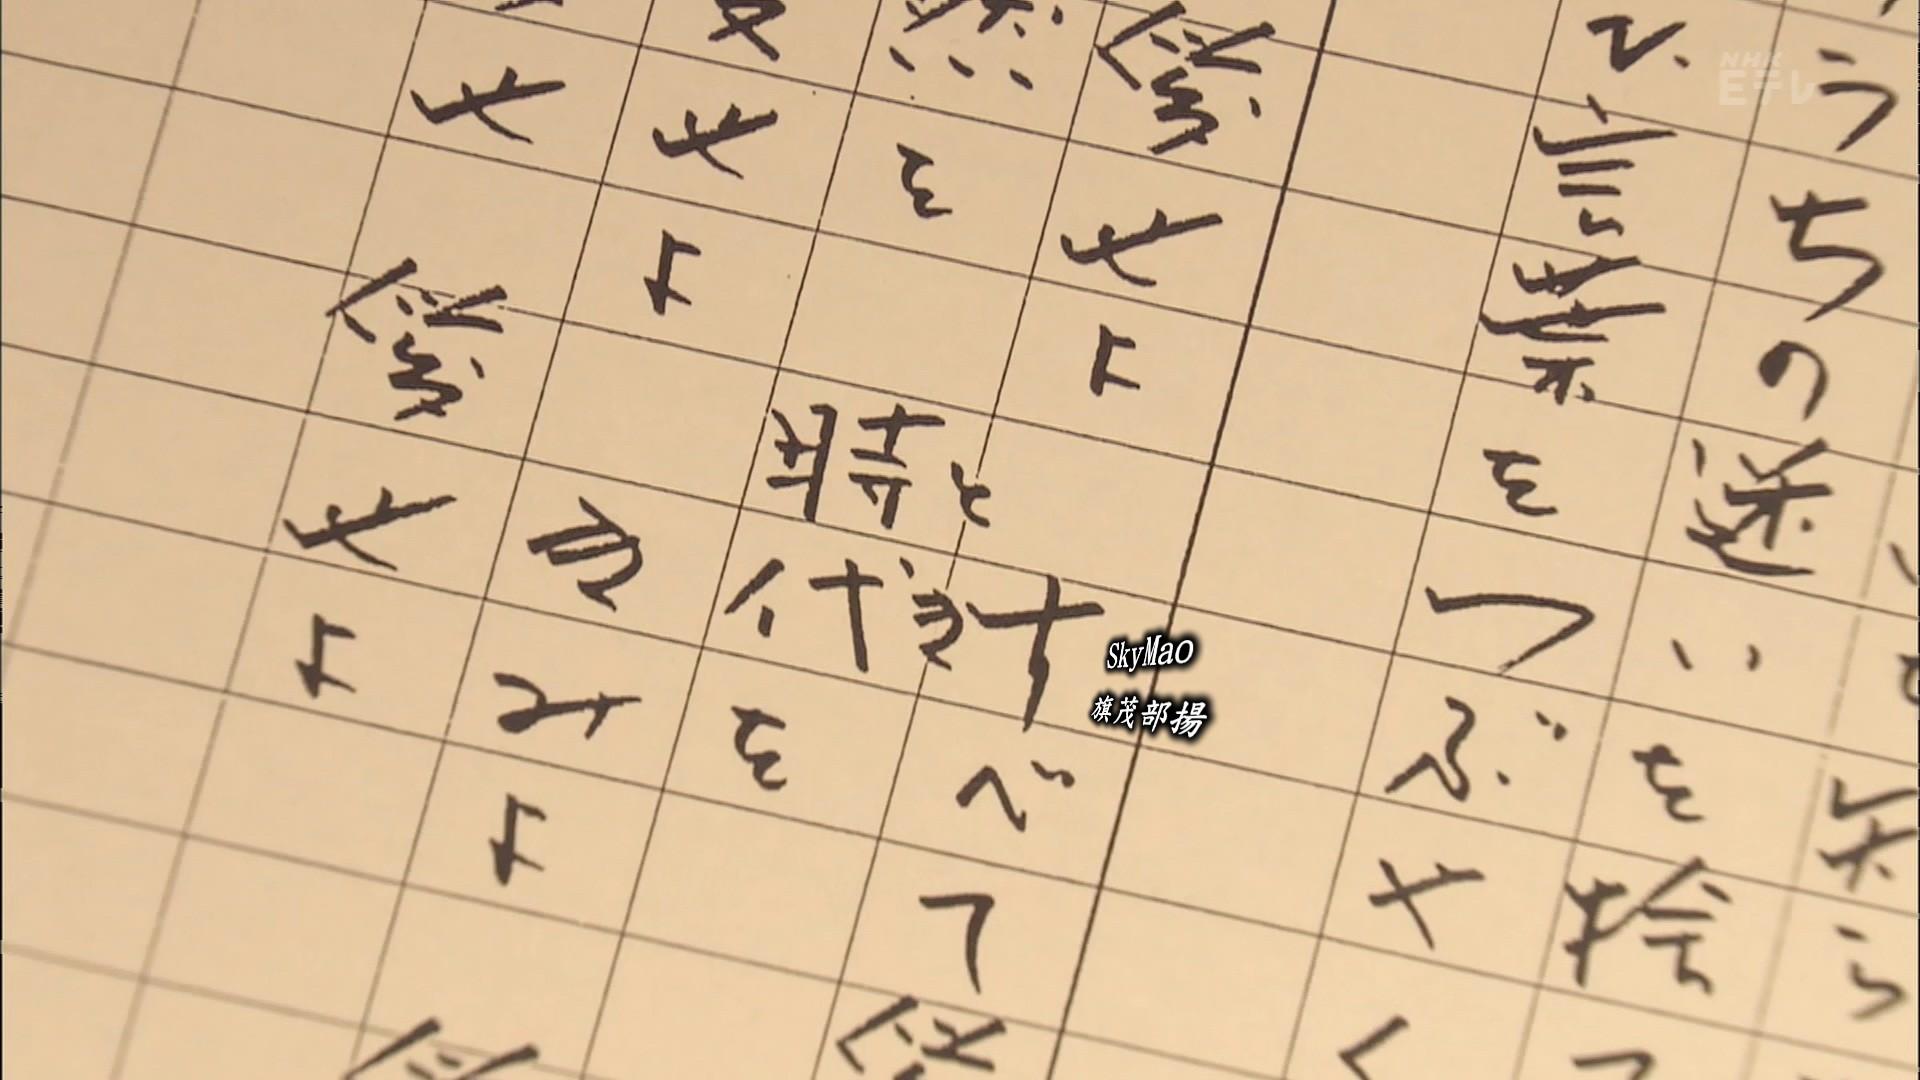 2017.09.23 全場(いきものがかり水野良樹の阿久悠をめぐる対話).ts_20170924_023017.881